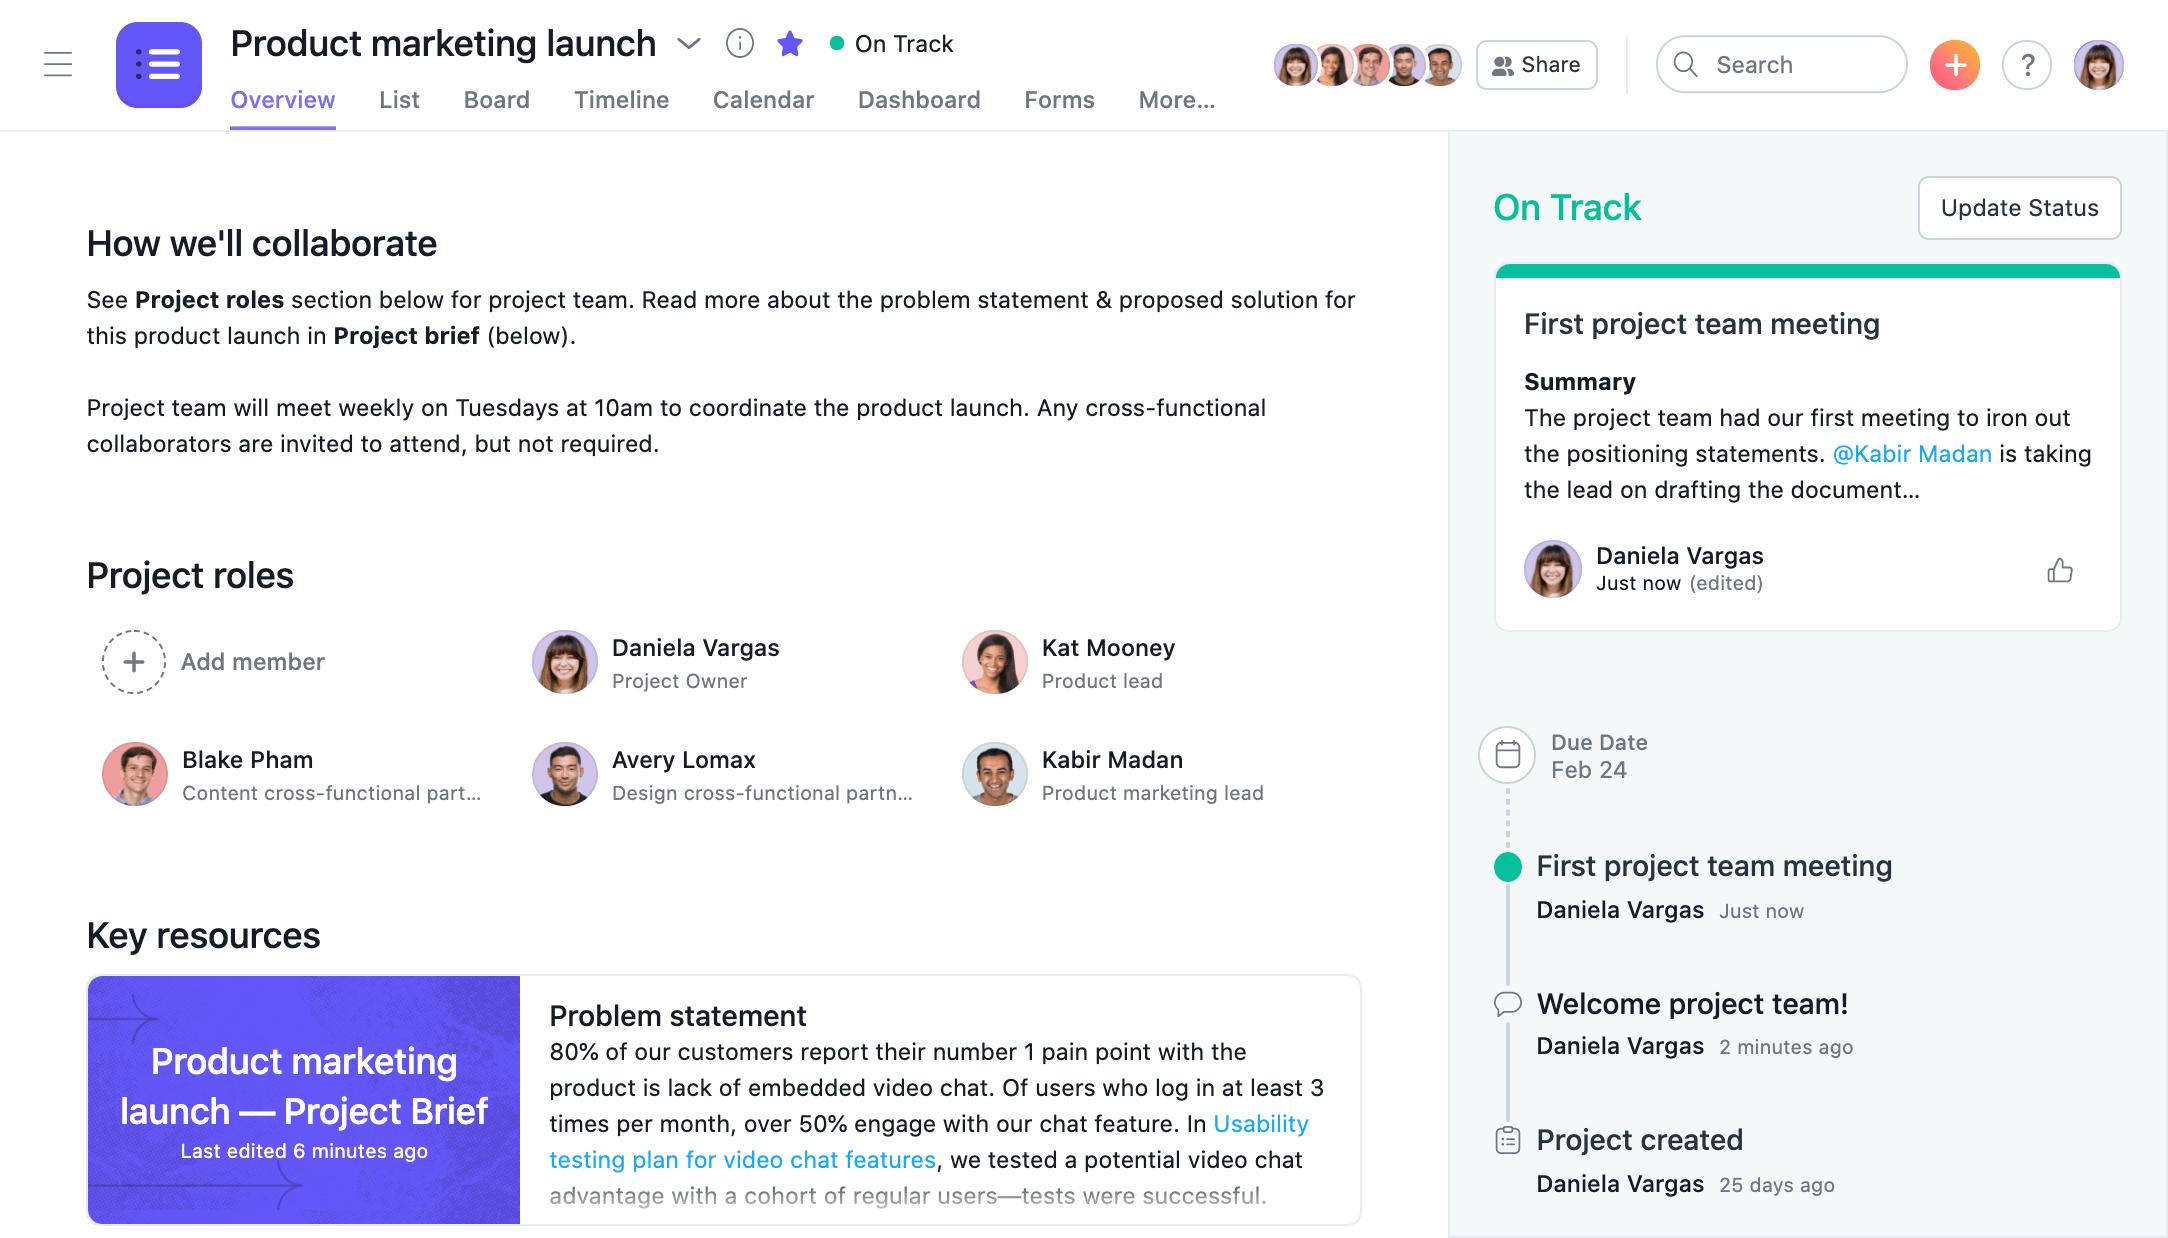 Captura de tela da Visão geral do projeto e atualizações de status